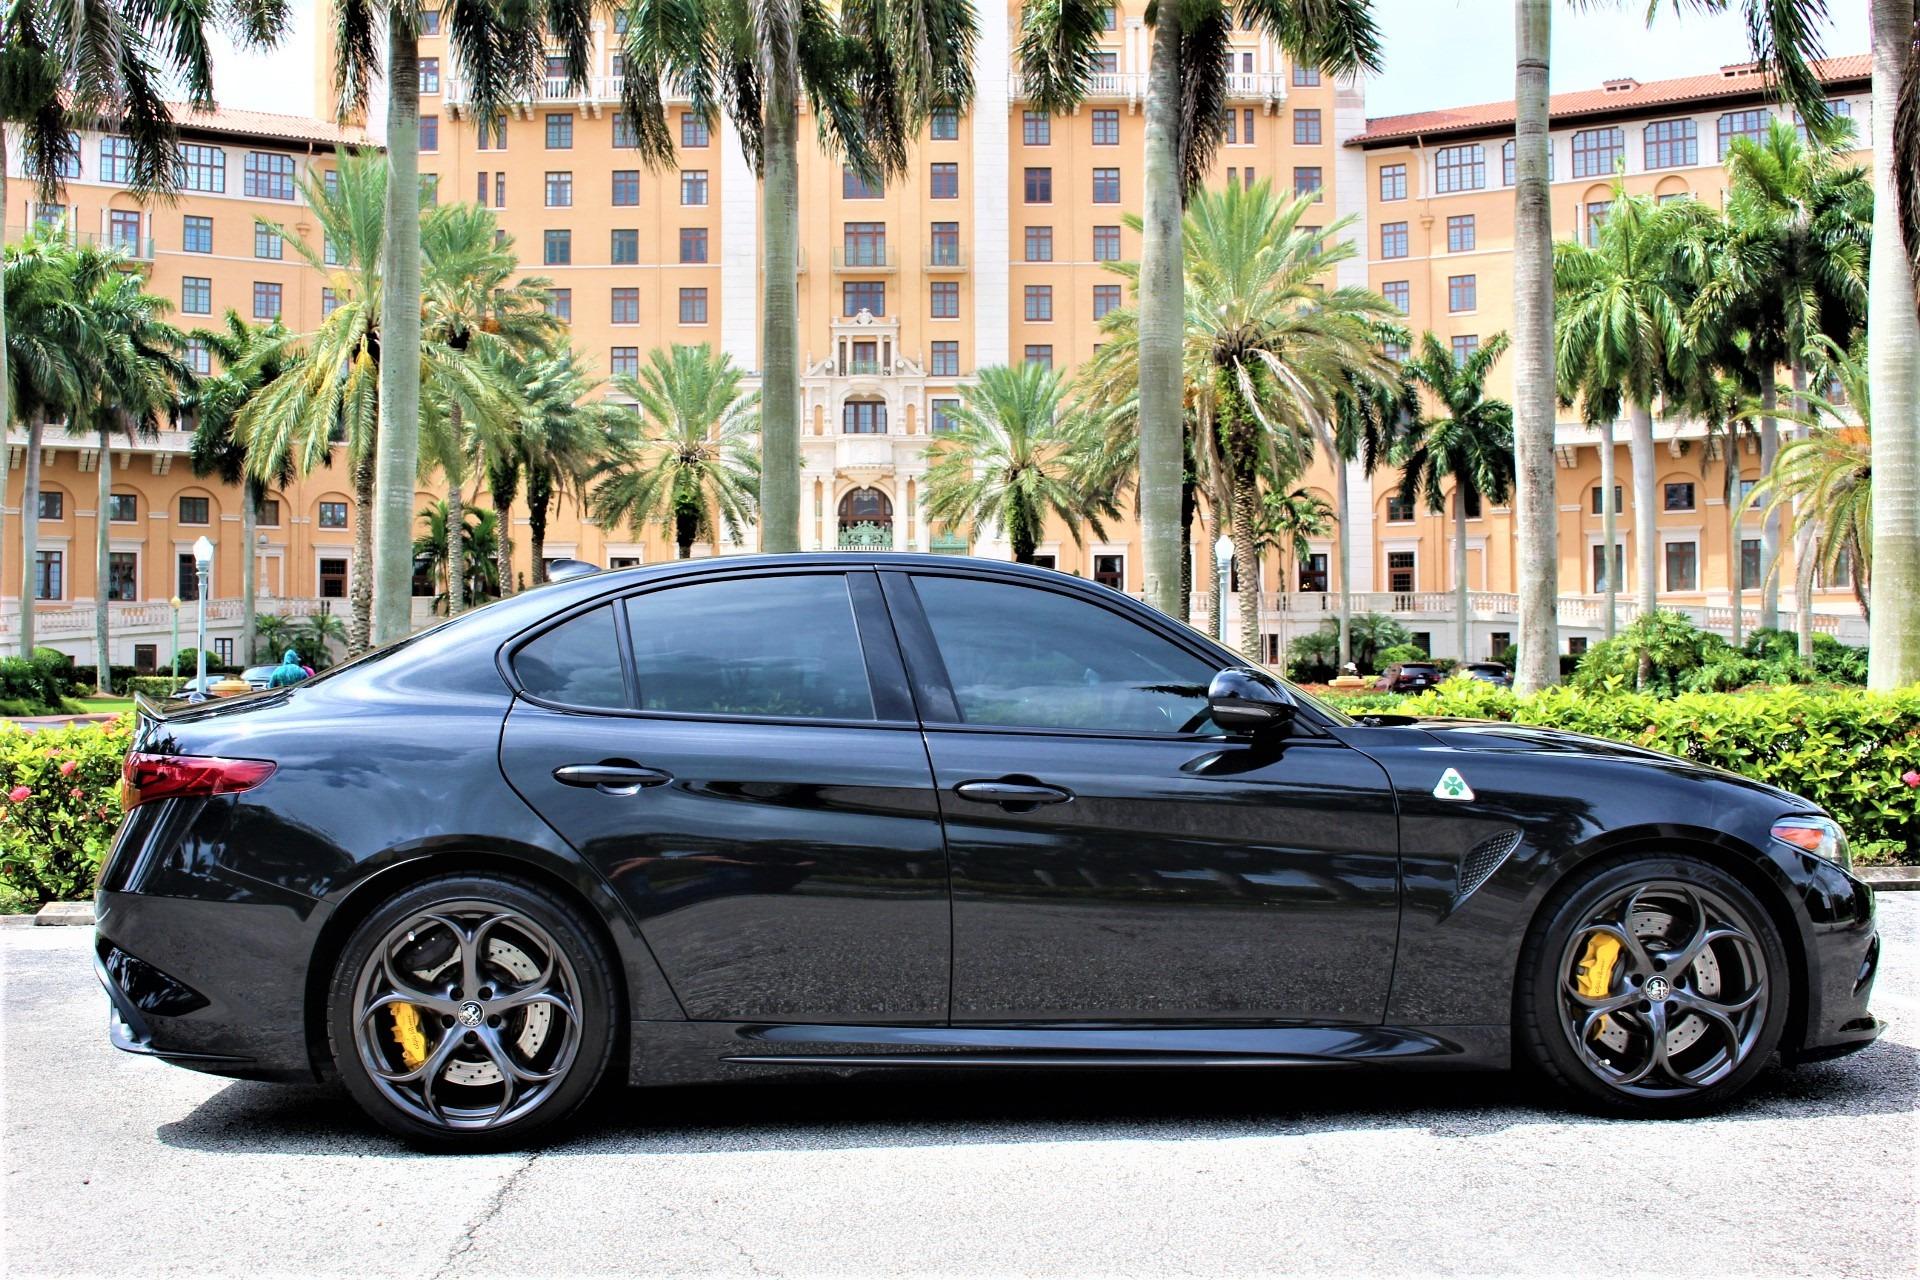 Used 2017 Alfa Romeo Giulia Quadrifoglio for sale Sold at The Gables Sports Cars in Miami FL 33146 1